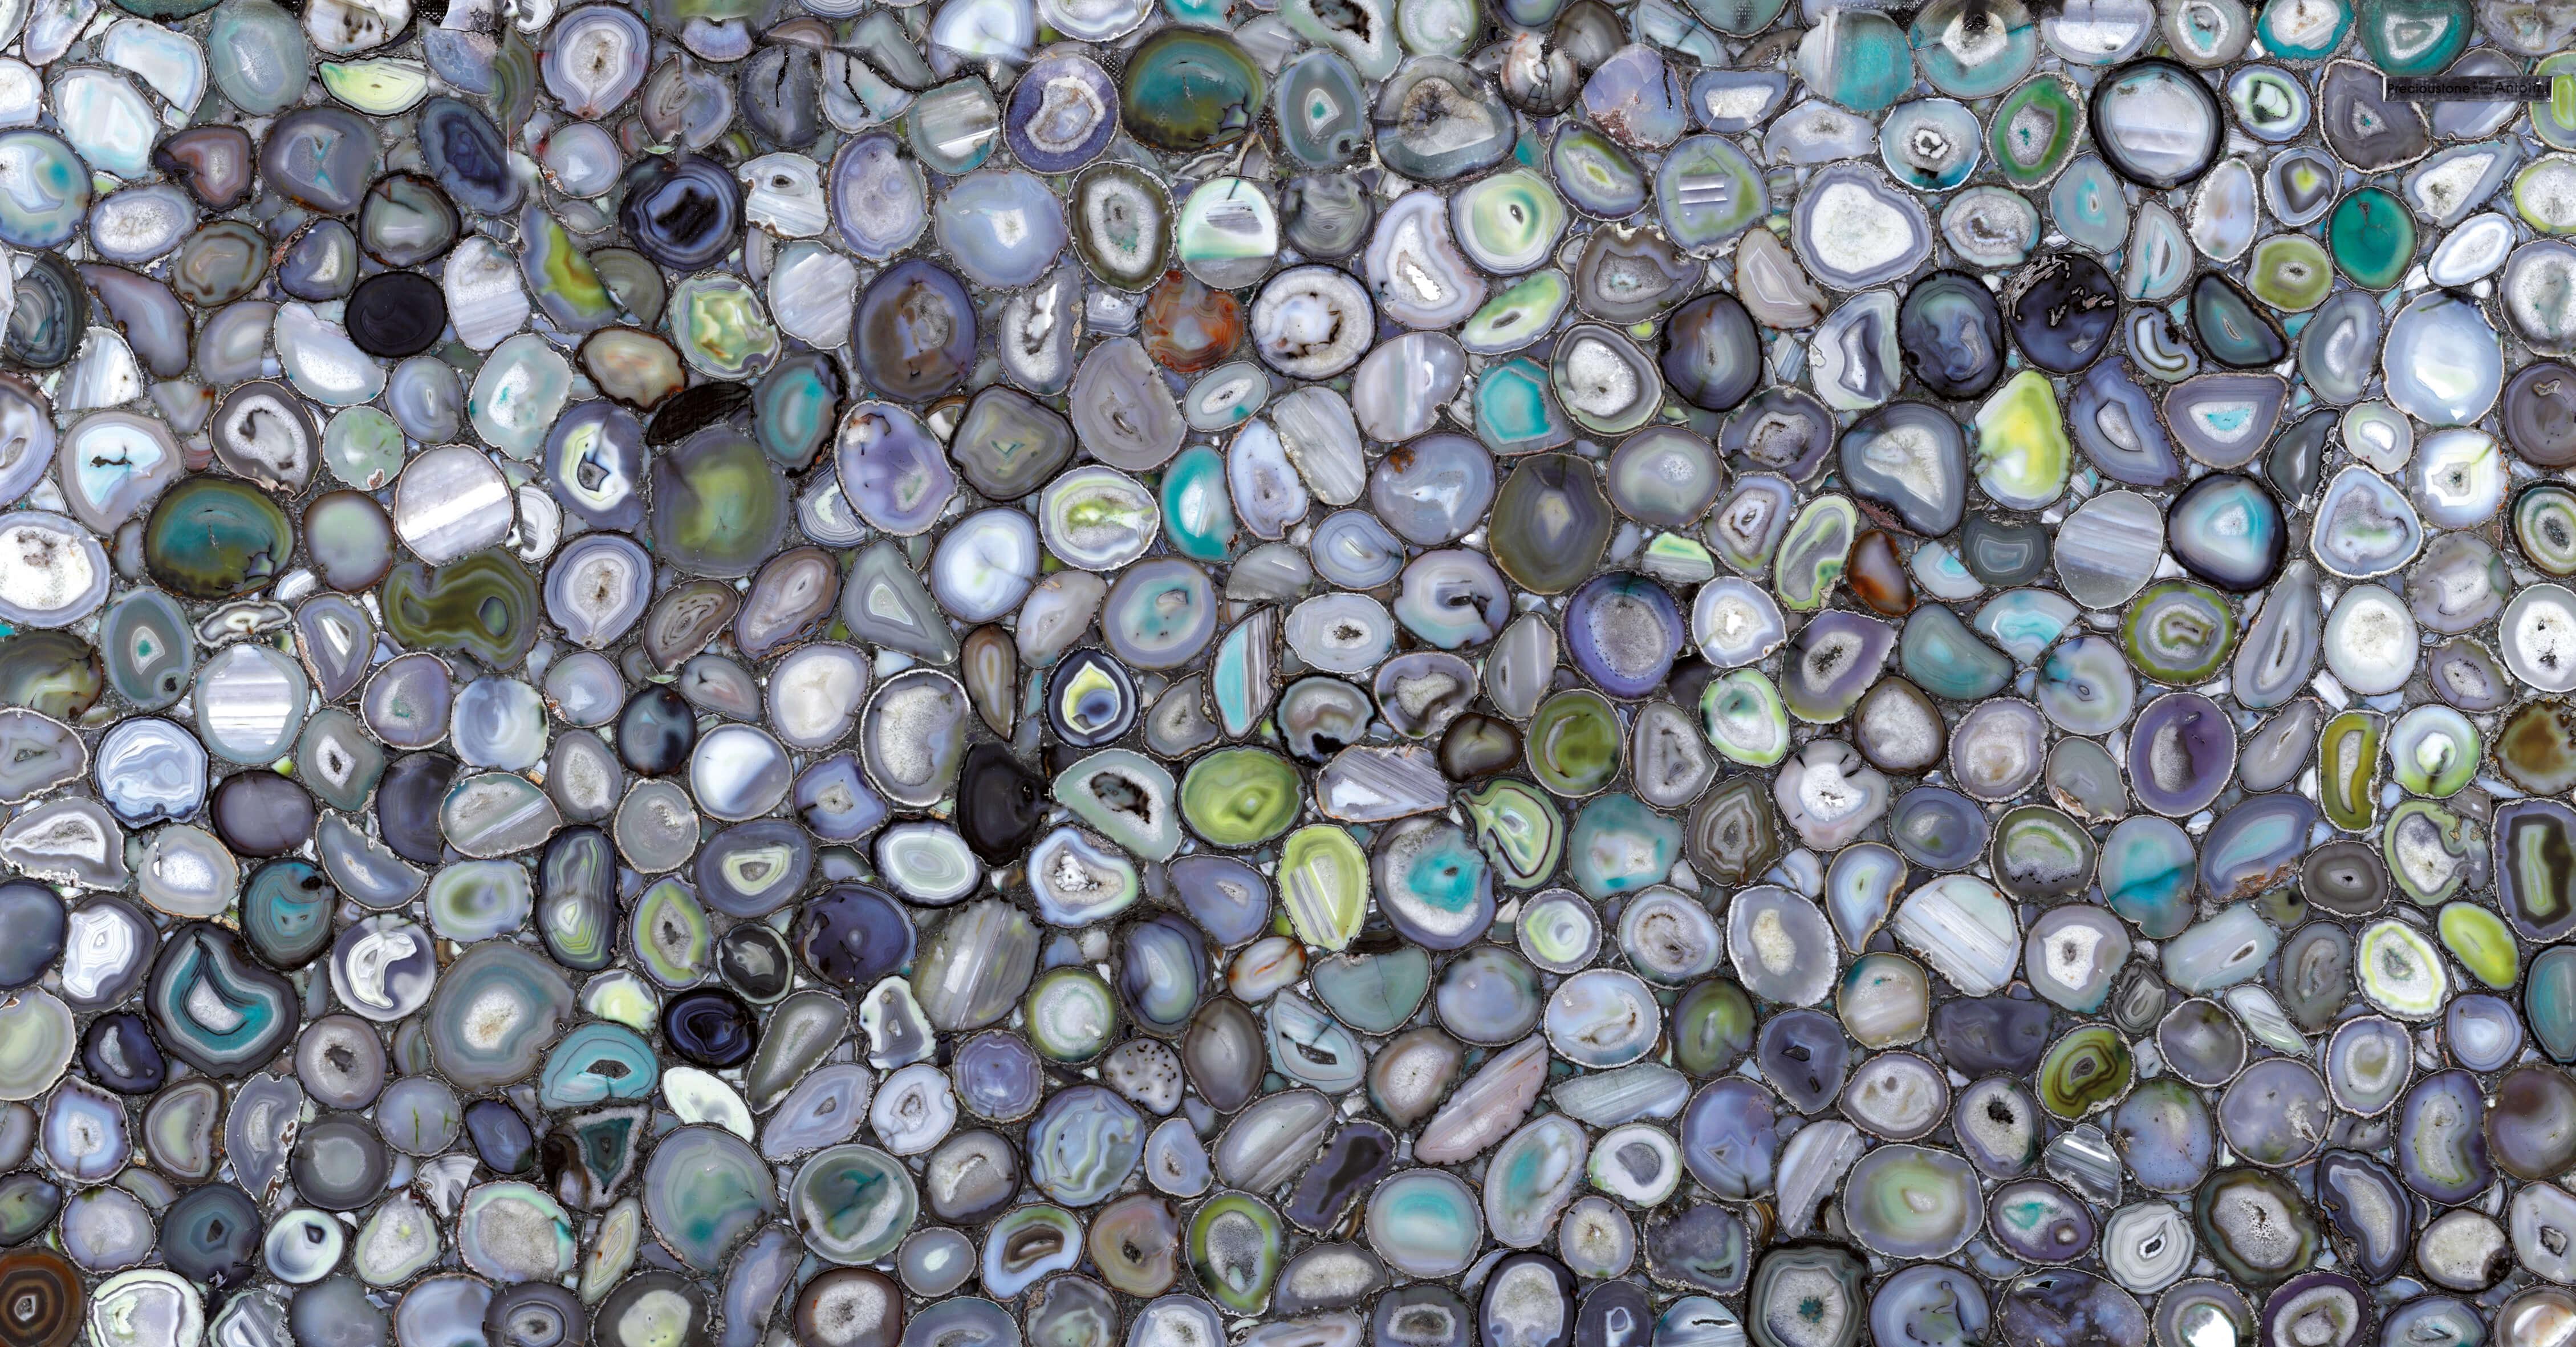 Grüner Achat Dieser Naturstein setzt alle Kräfte der Erde, ein Element, mit dem der Achat eng verwandt ist, in die Schönheit um. In Green Agate treffen die unendlichen Farbschattierungen aufeinander und kehren in eine Ära der Magie und des Mysteriums zurück, während die kraftvollen Brechungen eine einzigartige Alchemie schaffen, die die Umgebung umgibt und harmonisiert. Dieses Material erzeugt Atmosphären, die wie Geschenke von fernen Sternen auf Kristalltropfen wirken. Die Precioustone Kollektion von Antolini ist in der Lage, Aufmerksamkeit zu erregen und in einem Strudel aus Licht und Farbe zu tragen.